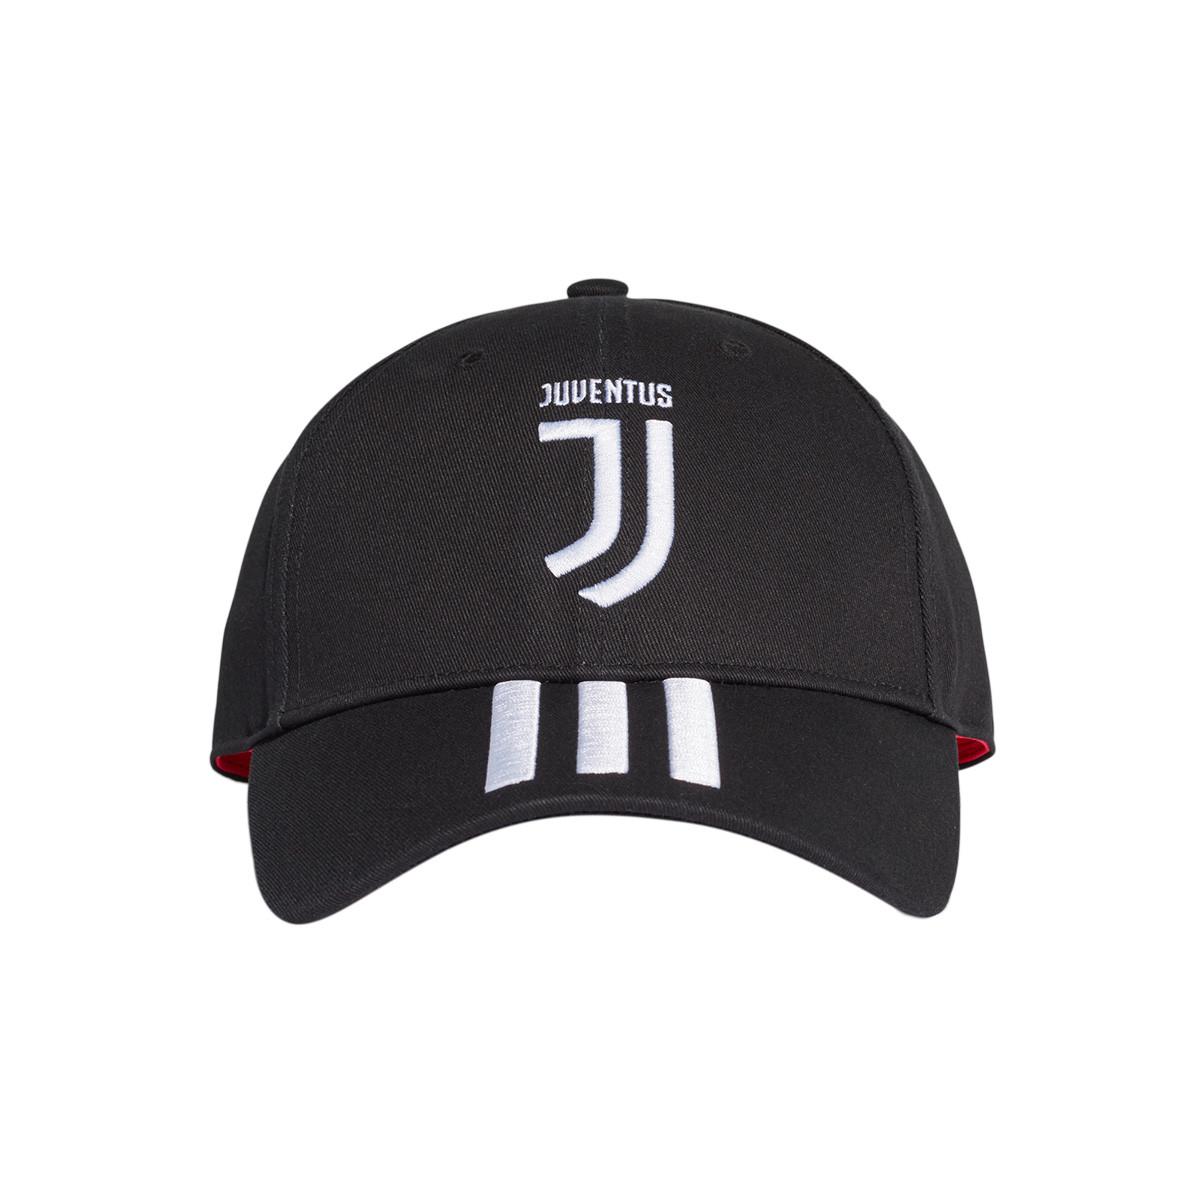 8aeb4e03b1a9d Futbalové kluby (všetky)   Adidas Juventus šiltovka čierna detská ...